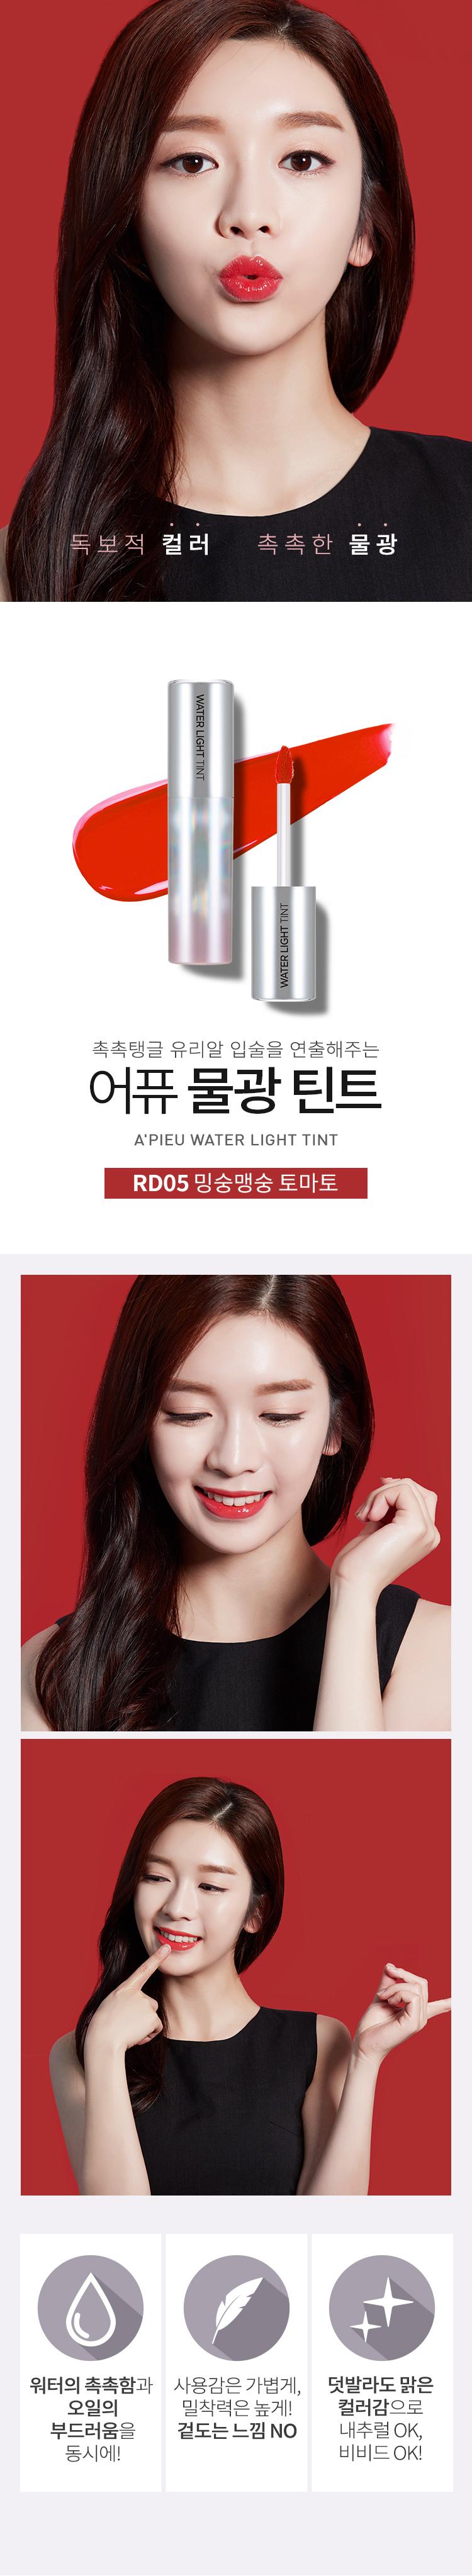 APIEU_Water_Light_Tint_RD05_01.jpg